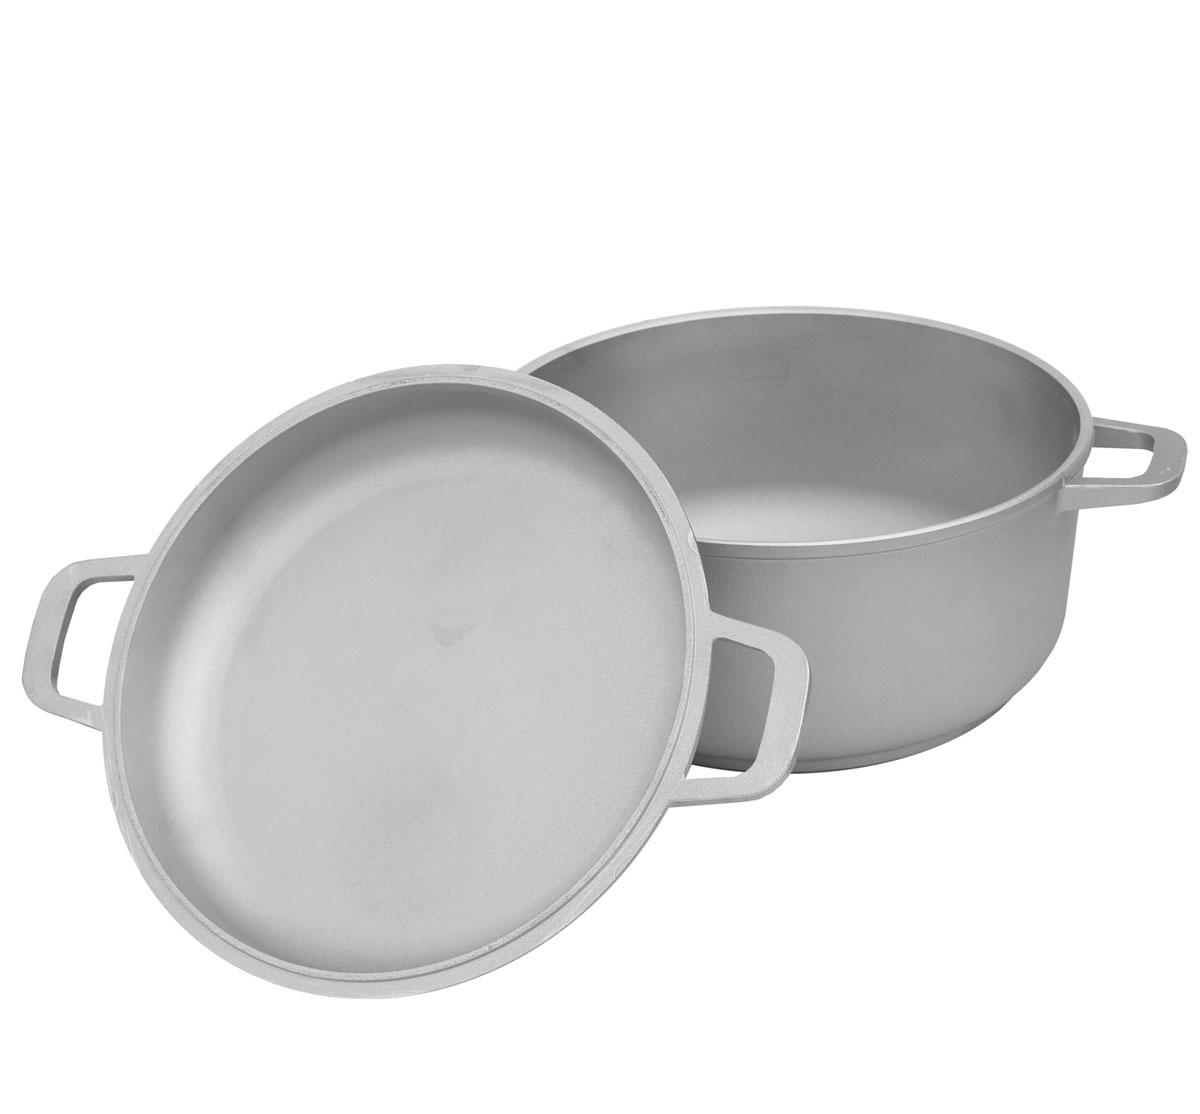 Кастрюля Биол с крышкой-сковородой, 7 л. К702К702Кастрюля Биол выполнена из высококачественного литого алюминия. Изделие оснащено крышкой, которая также может послужить в качестве сковороды. Имеет утолщенное дно. Посуда равномерно распределяет тепло и обладает высокой устойчивостью к деформации, легкая и практичная в эксплуатации, обладает долгим сроком службы. Подходит для использования на электрических, газовых и стеклокерамических плитах. Не подходит для индукционных плит. Можно мыть в посудомоечной машине.Диаметр (по верхнему краю): 28 см. Высота стенки кастрюли: 13,3 см. Высота стенки крышки: 5,5 см. Ширина кастрюли (с учетом ручек): 36,5 см.